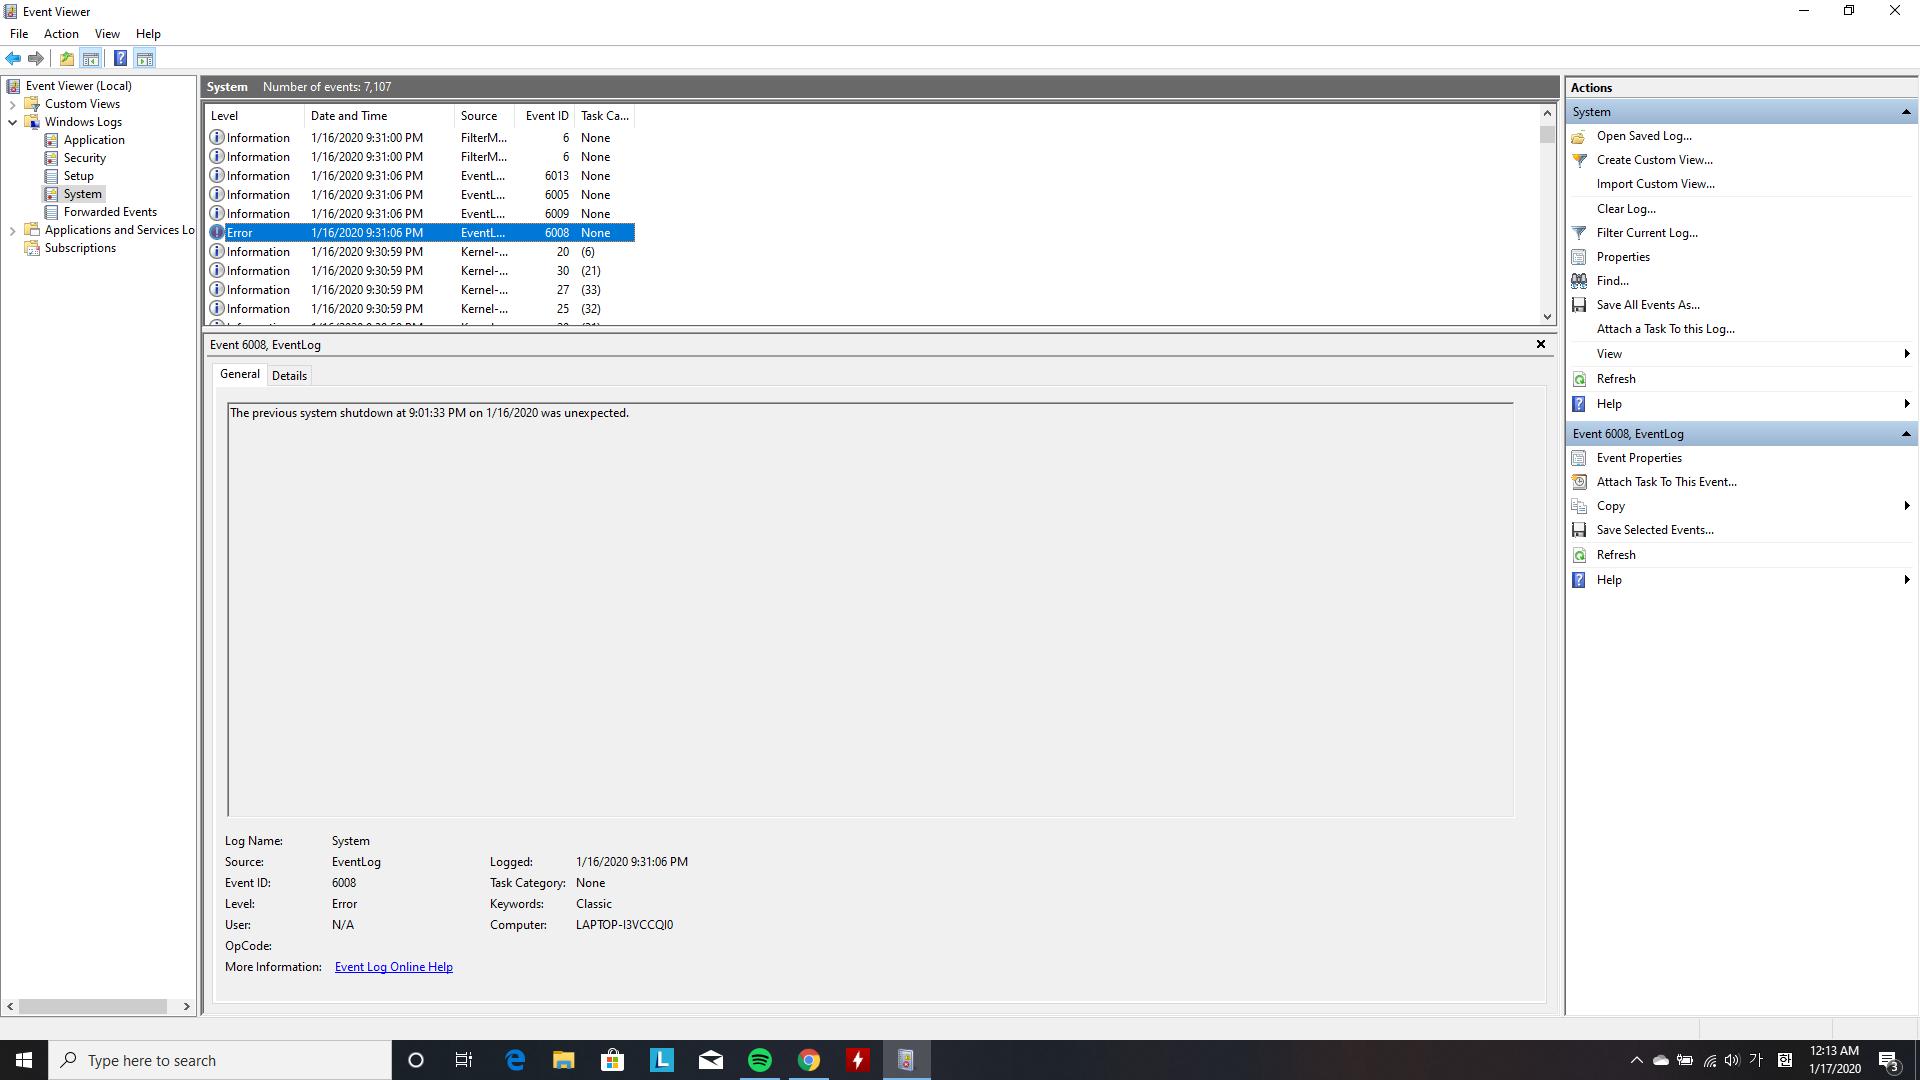 PC Shutdown 54c98ab9-8327-4858-870a-5e3e8966ad66?upload=true.png